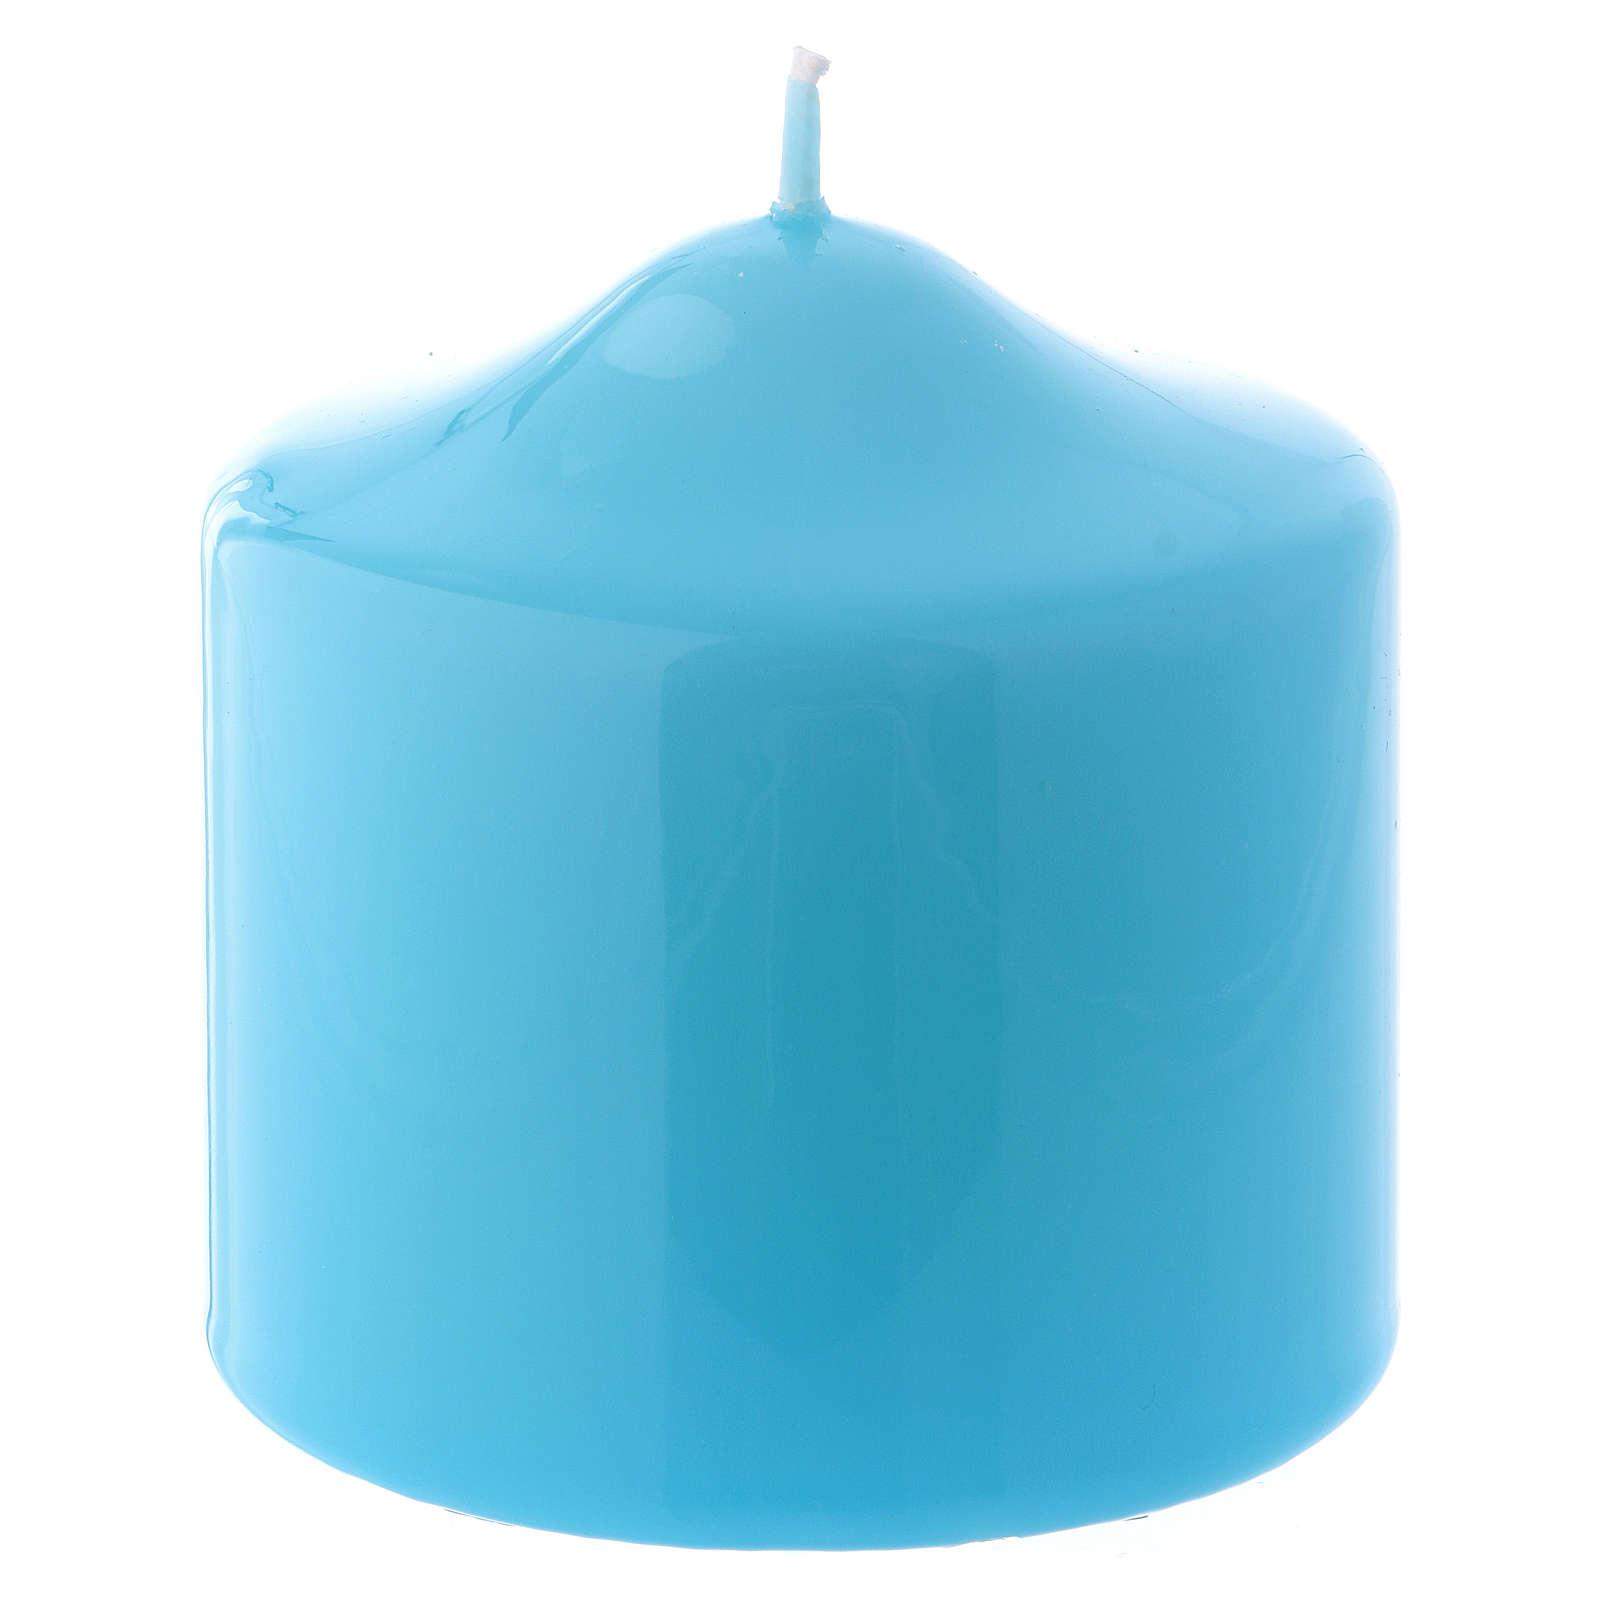 Bougie Brillante Ceralacca bleu clair 8x8 cm 3